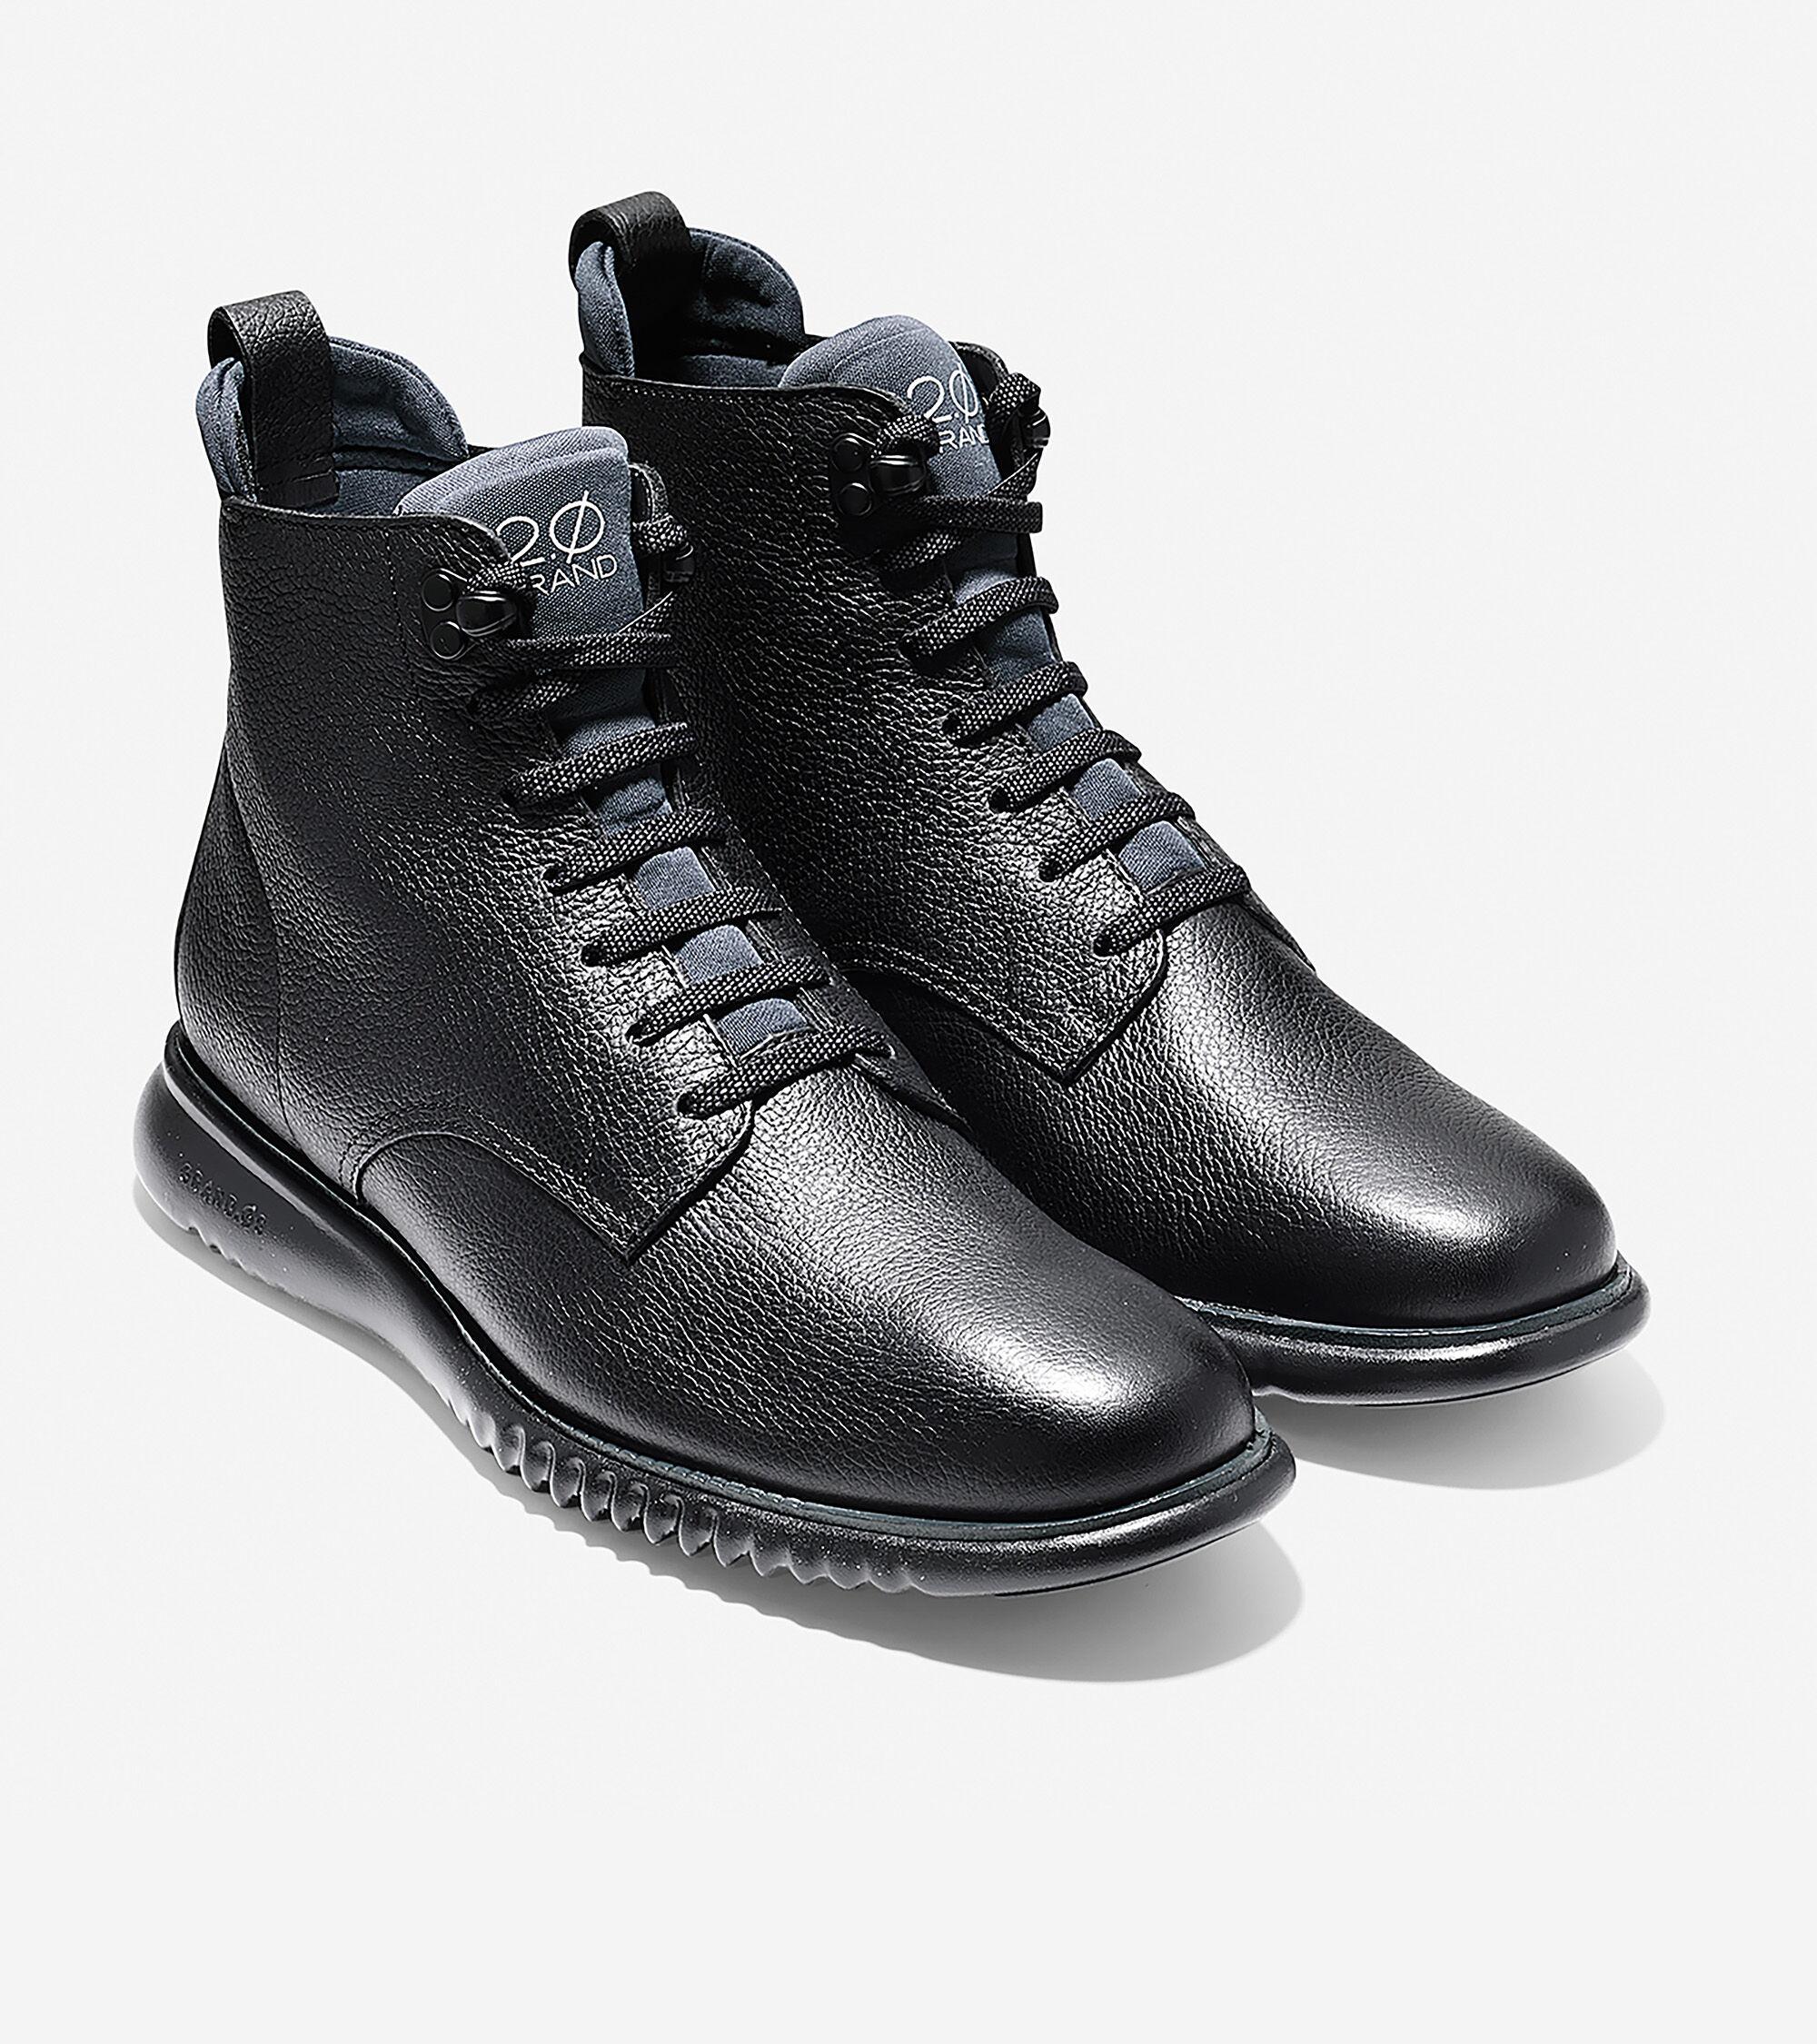 Cole Haan 2.ZeroGrand High-Top Waterproof Sneaker 69GFxtQct2